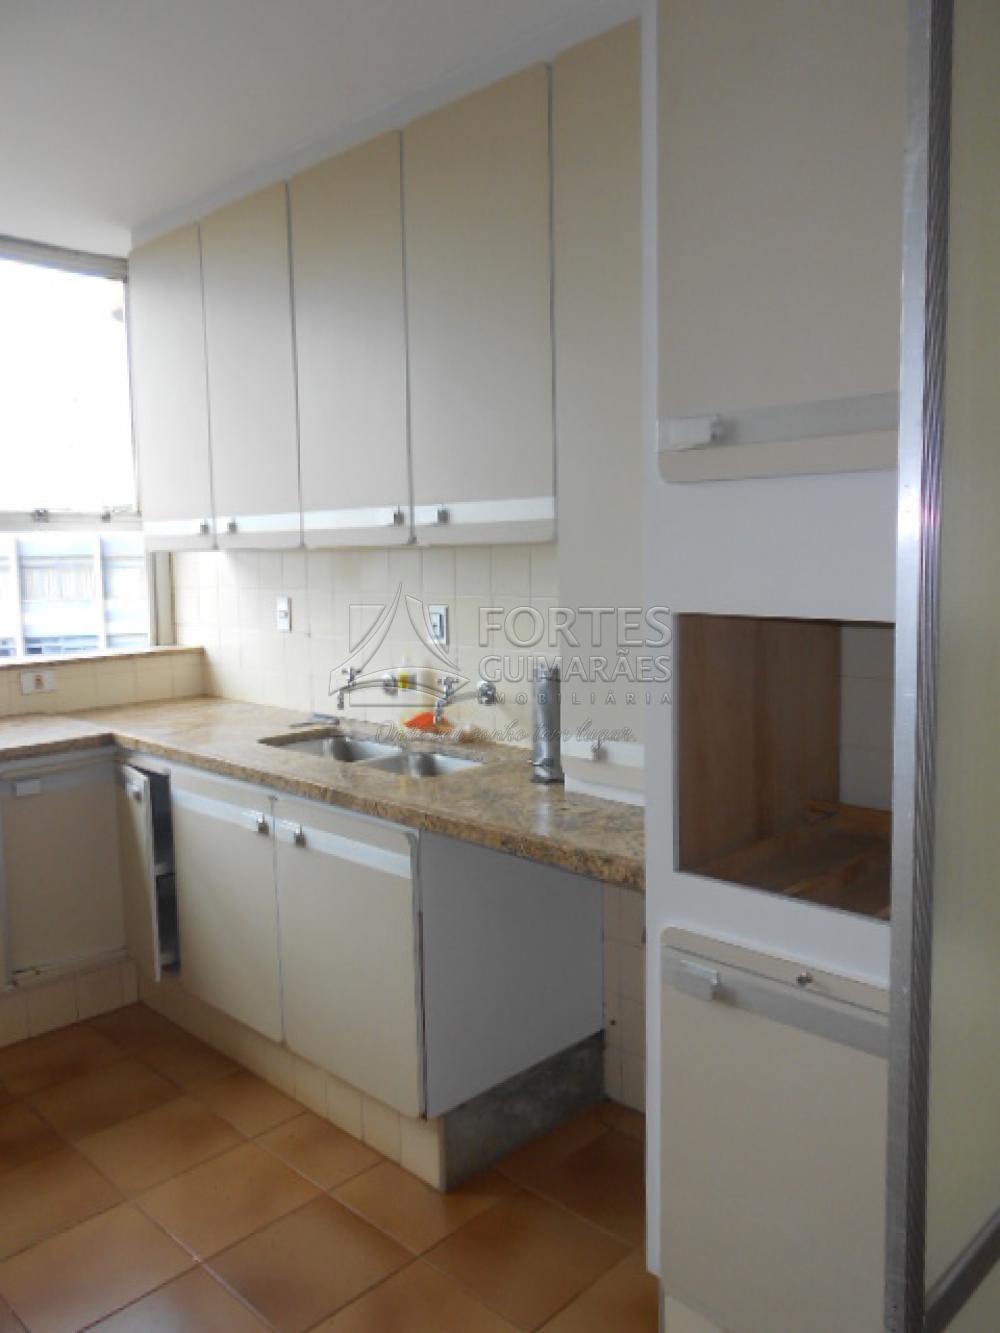 Alugar Apartamentos / Padrão em Ribeirão Preto apenas R$ 1.500,00 - Foto 65